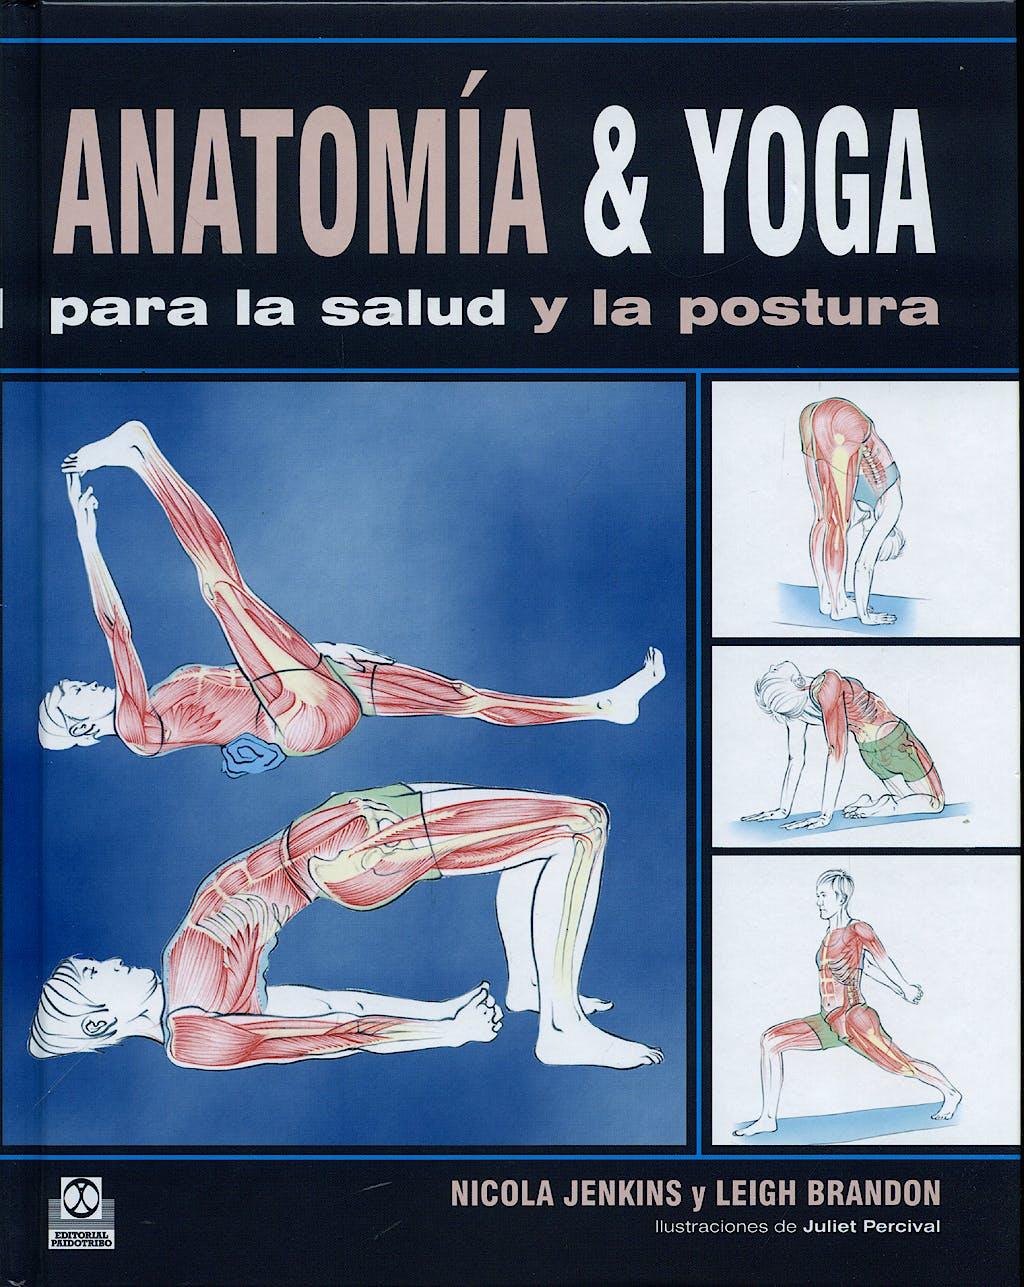 Producto: Anatomia y Yoga para la Salud y la Postura